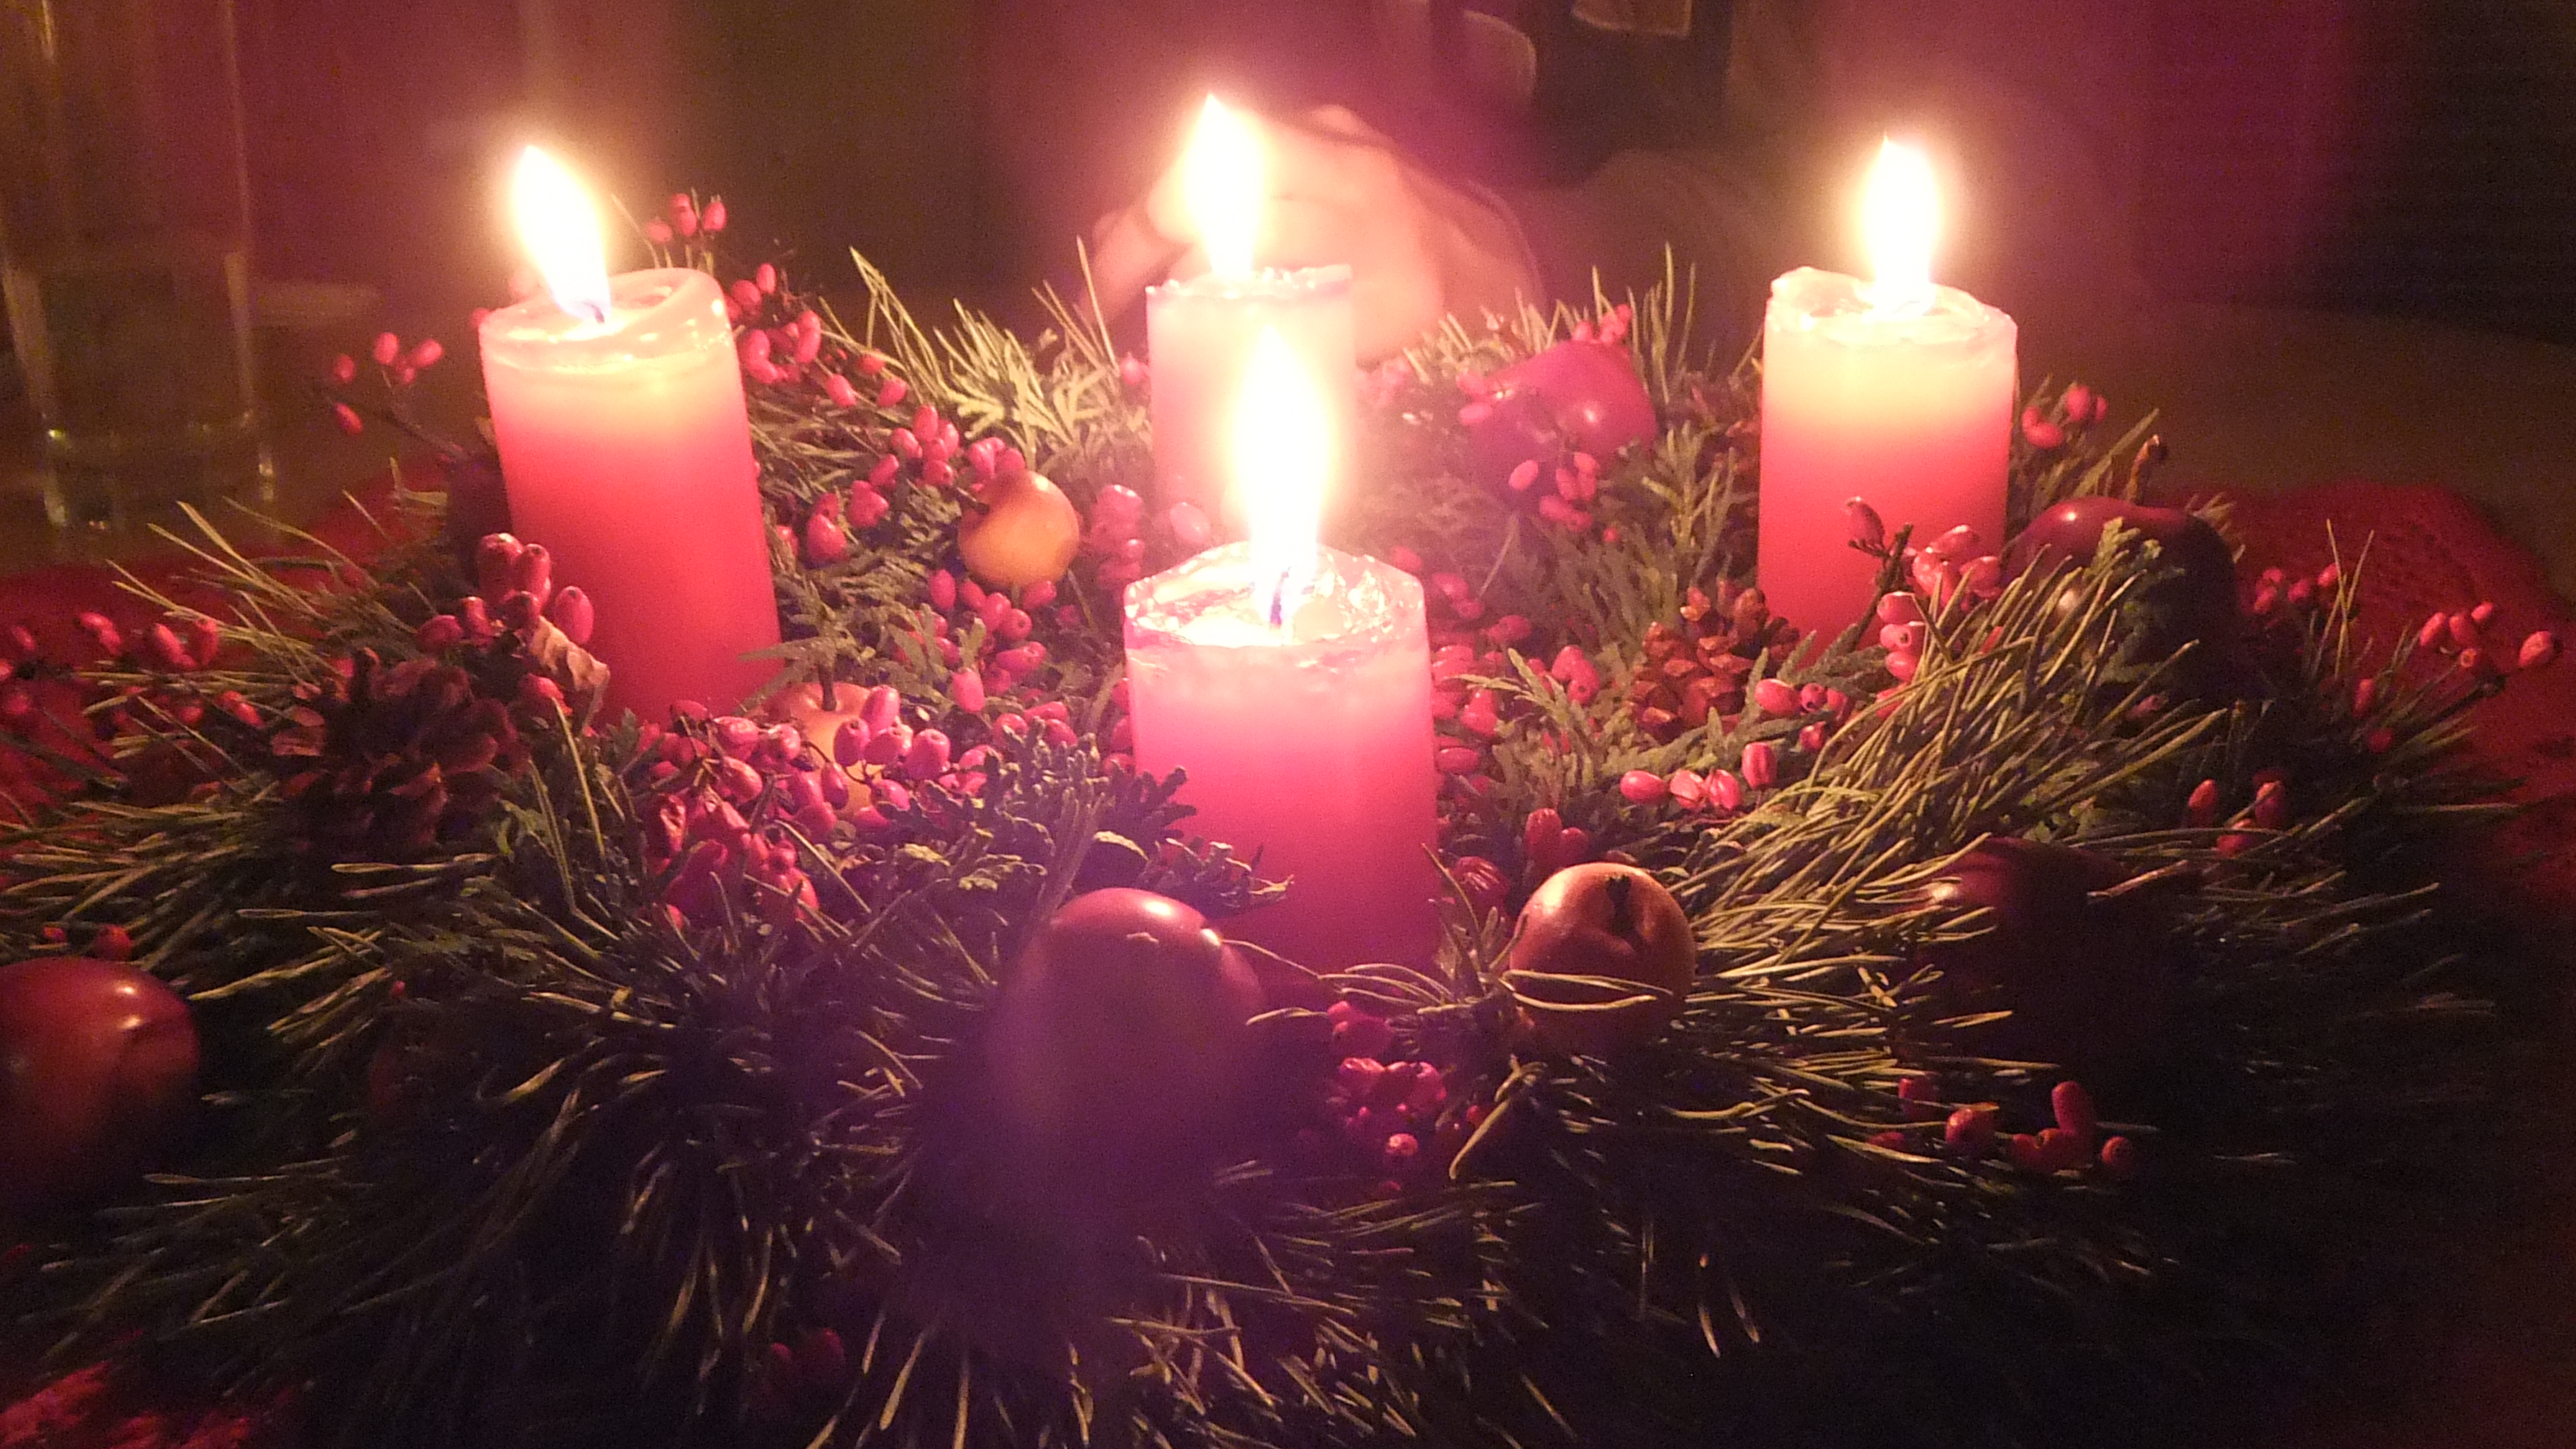 Jeden z dvoch vencov vyrábaných pre potreby Vianoc 2013. Je kombináciou borovice a tuje v prírodnom štýle. Šišky a jabĺčka sú síce umelé, červené bobule však živé. Detail tohto venca je použitý ako titulný obrázok sekcie.